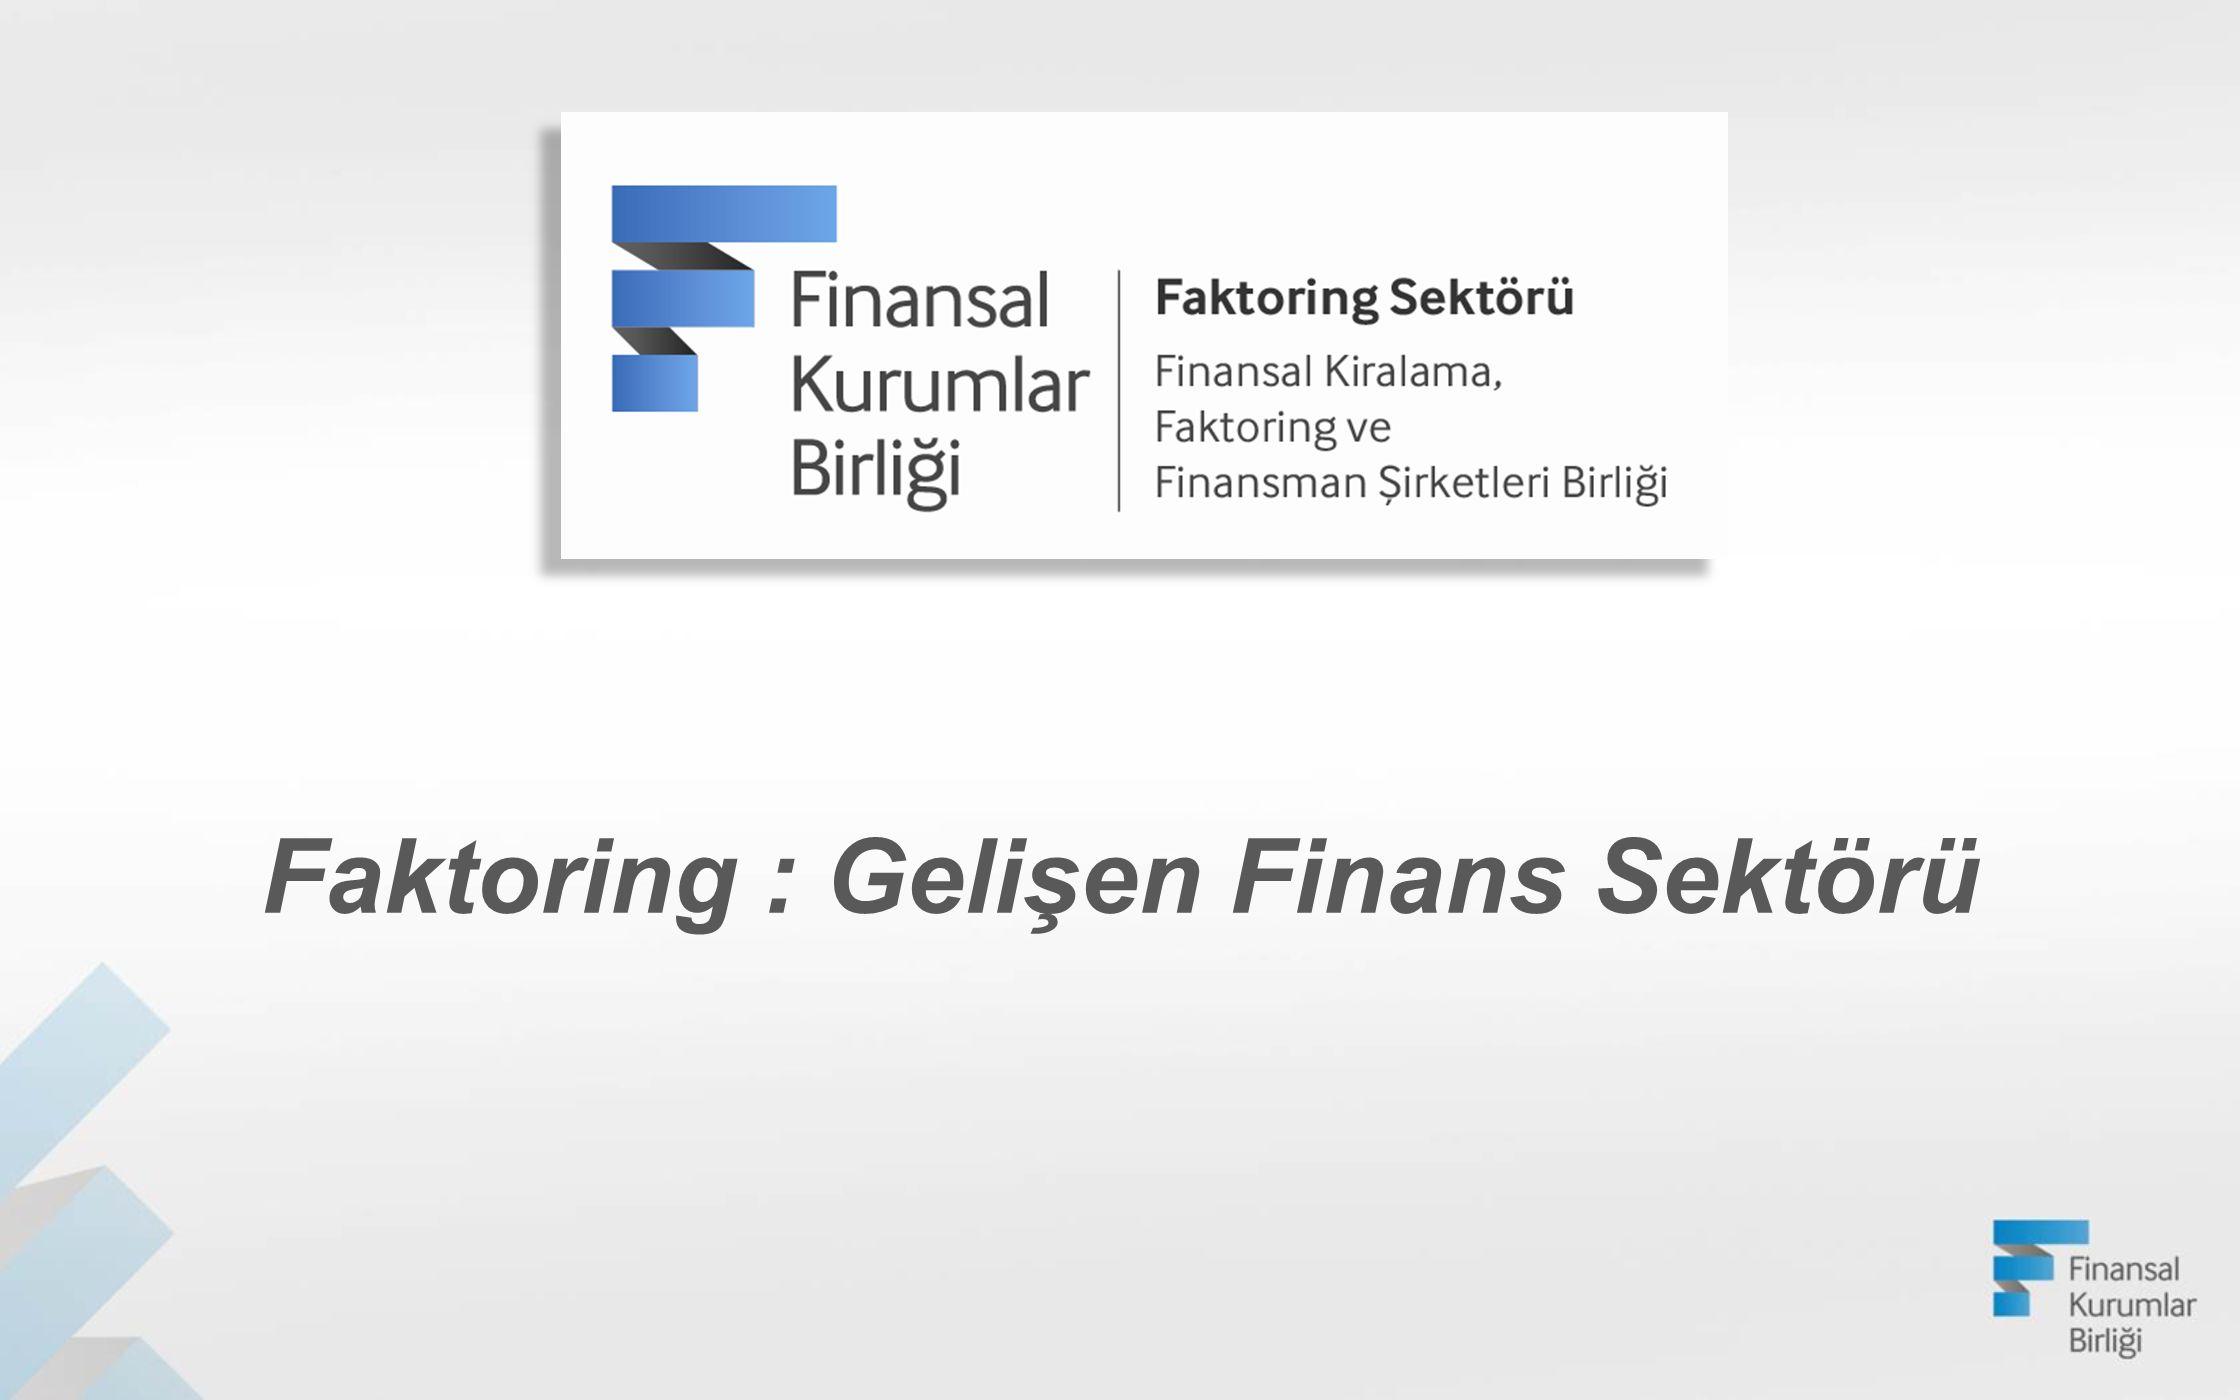 Faktoring : Gelişen Finans Sektörü